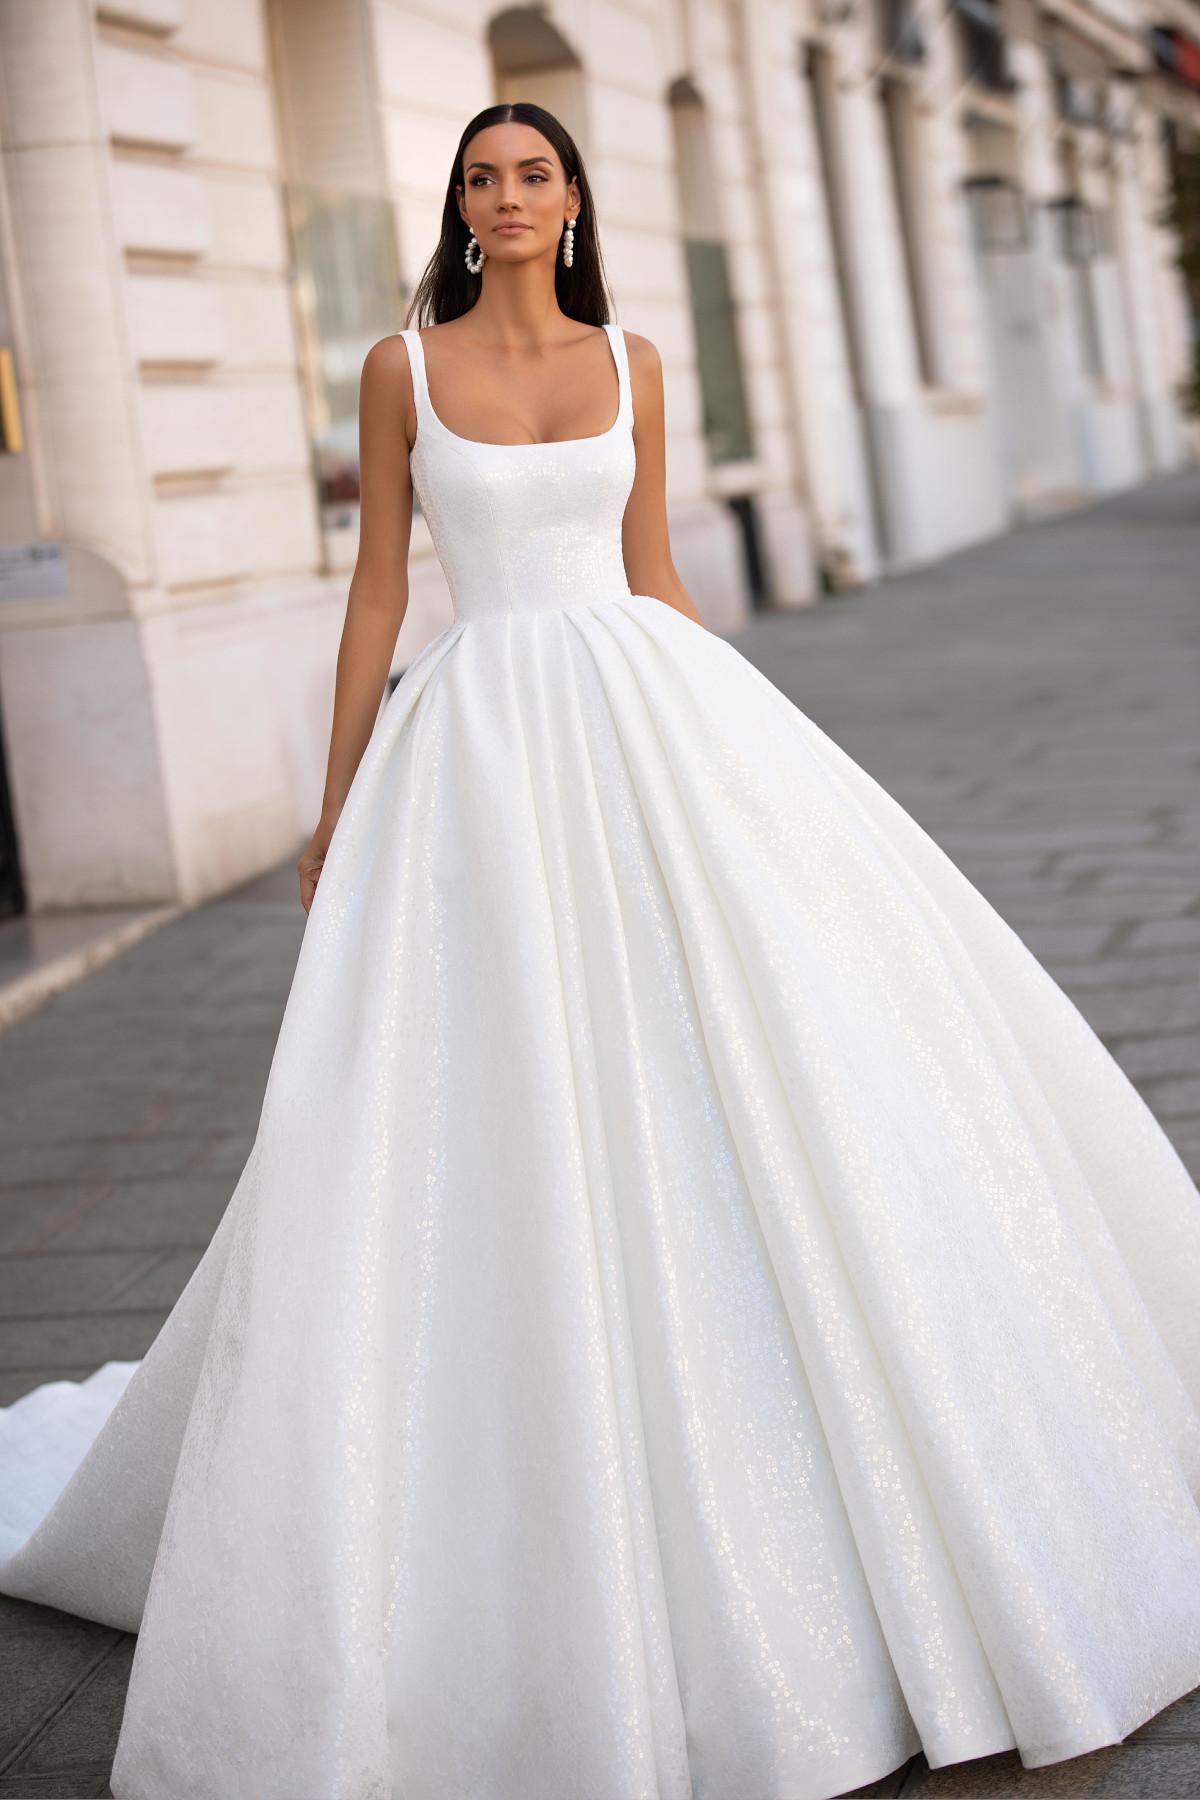 schlichtes weißes Hochzeitskleid mit ausladendem Rock – gesehen bei frauimmer-herrewig.de